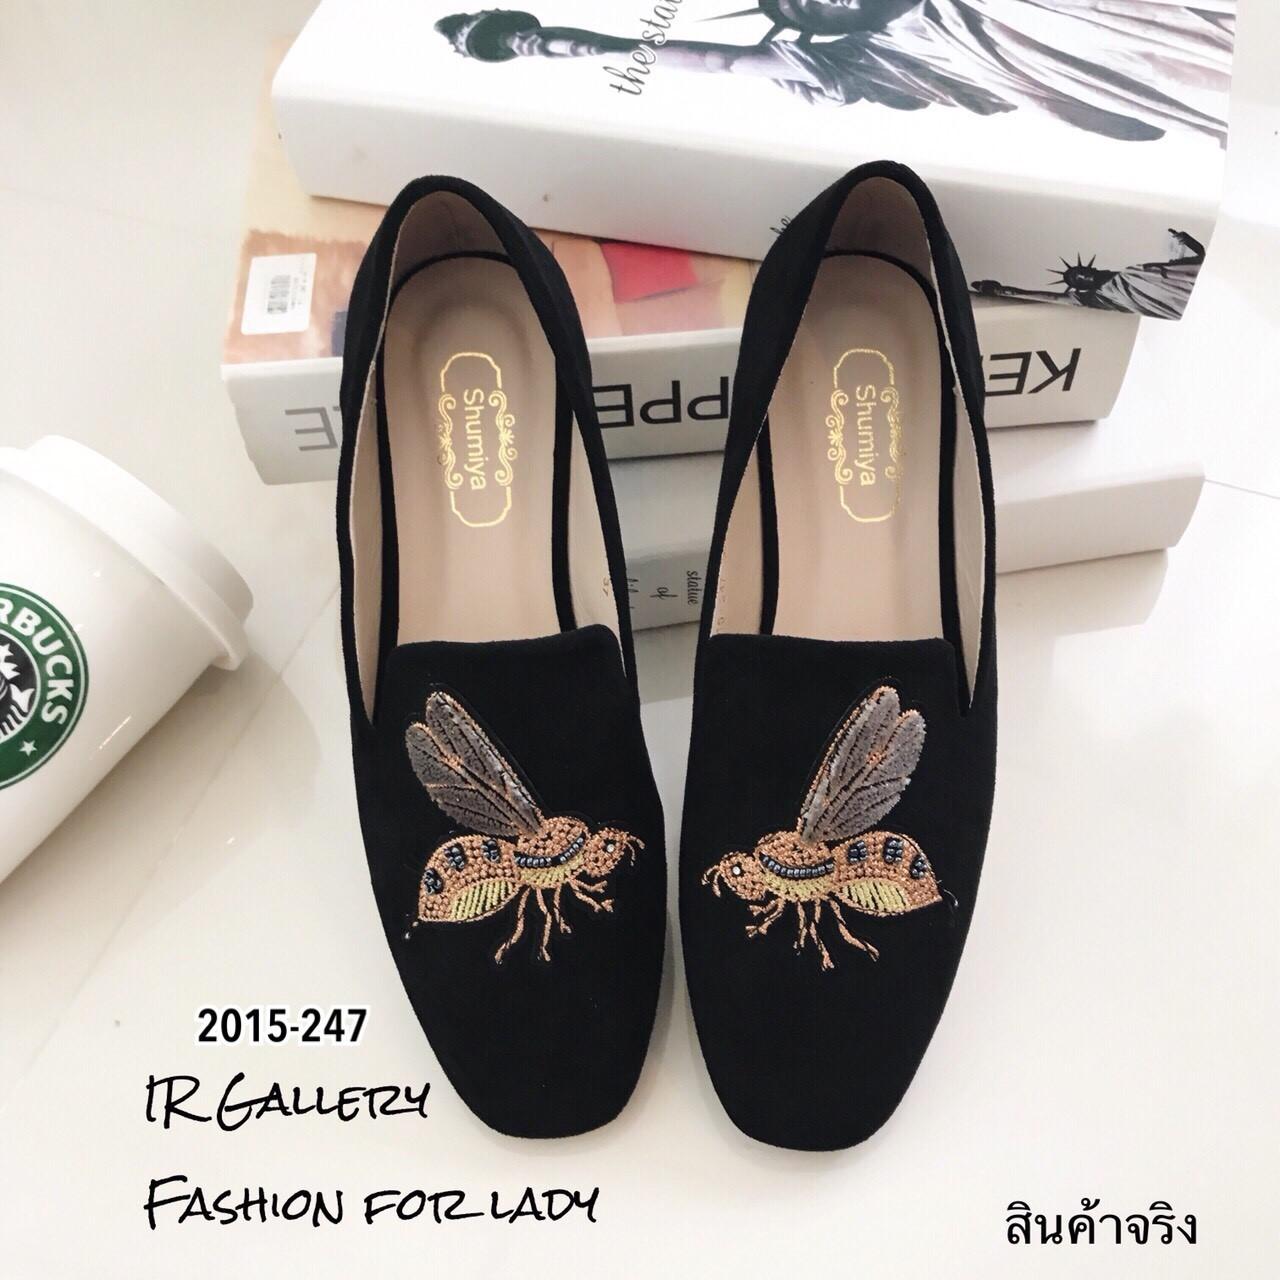 รองเท้าส้นแบนทรงสวมปักลายผึ้ง (สีดำ)